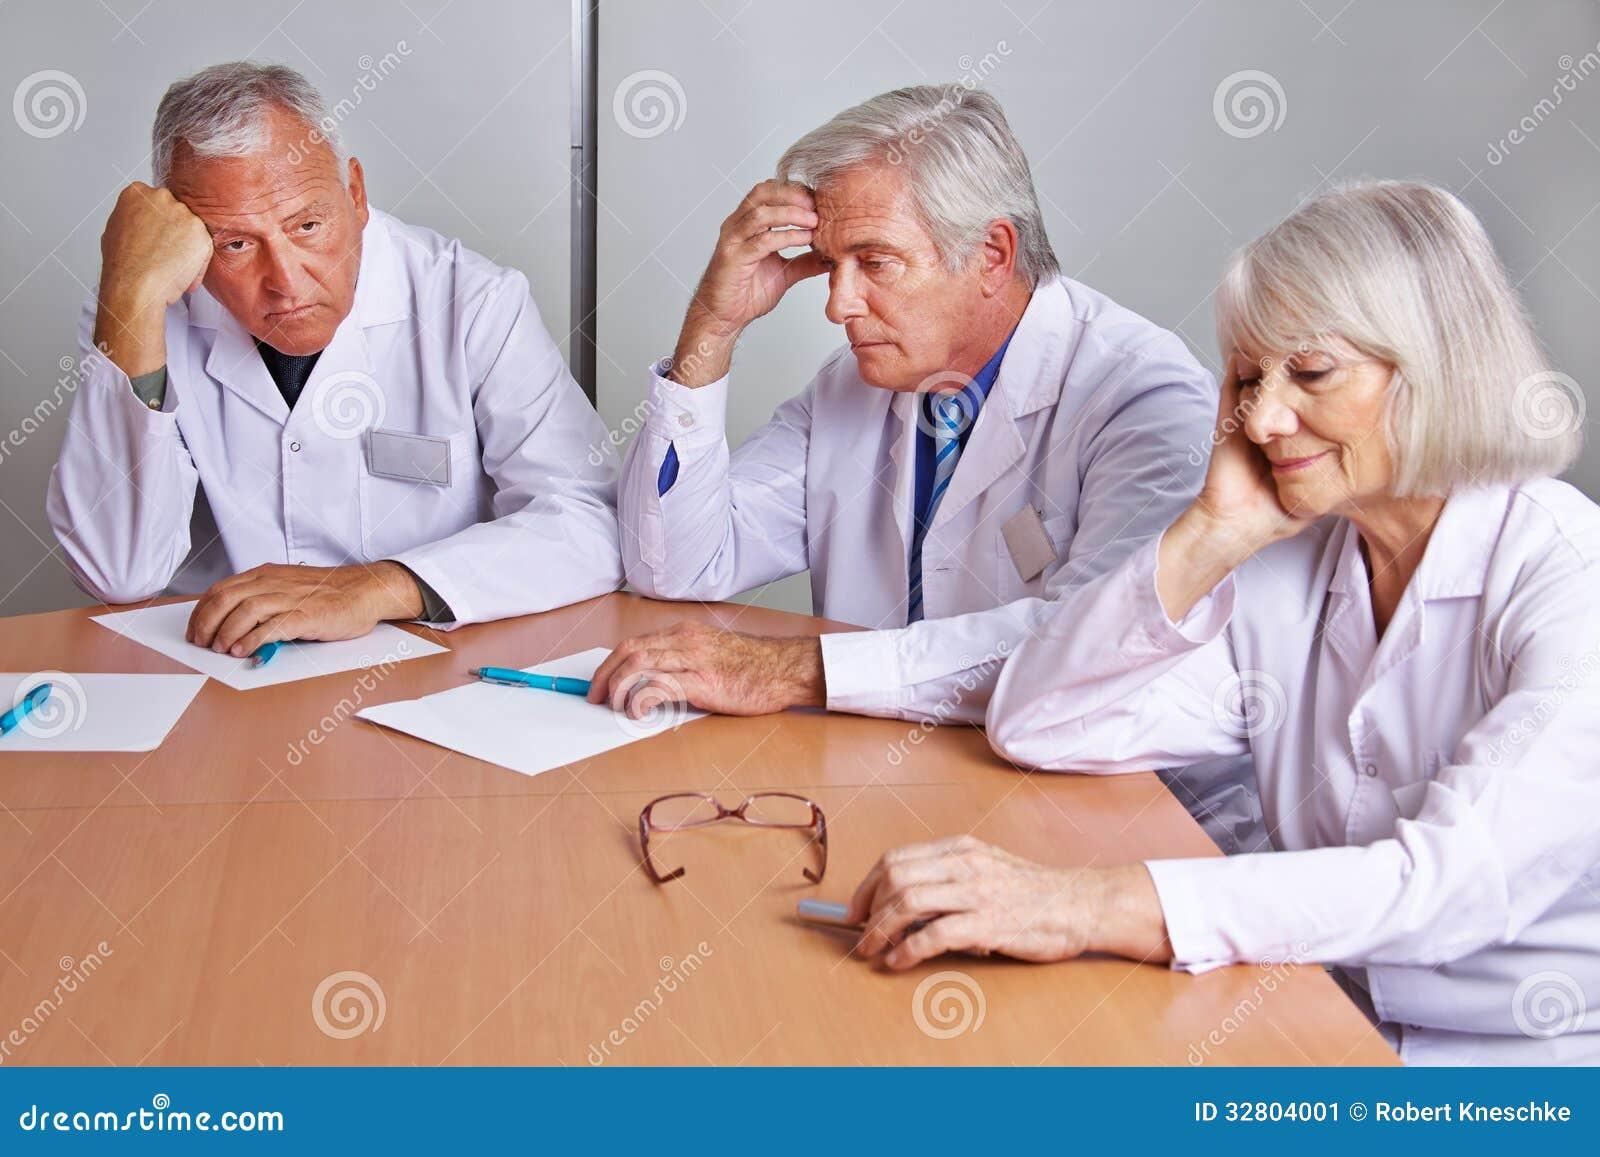 Ongerust gemaakte artsen die in vergadering denken